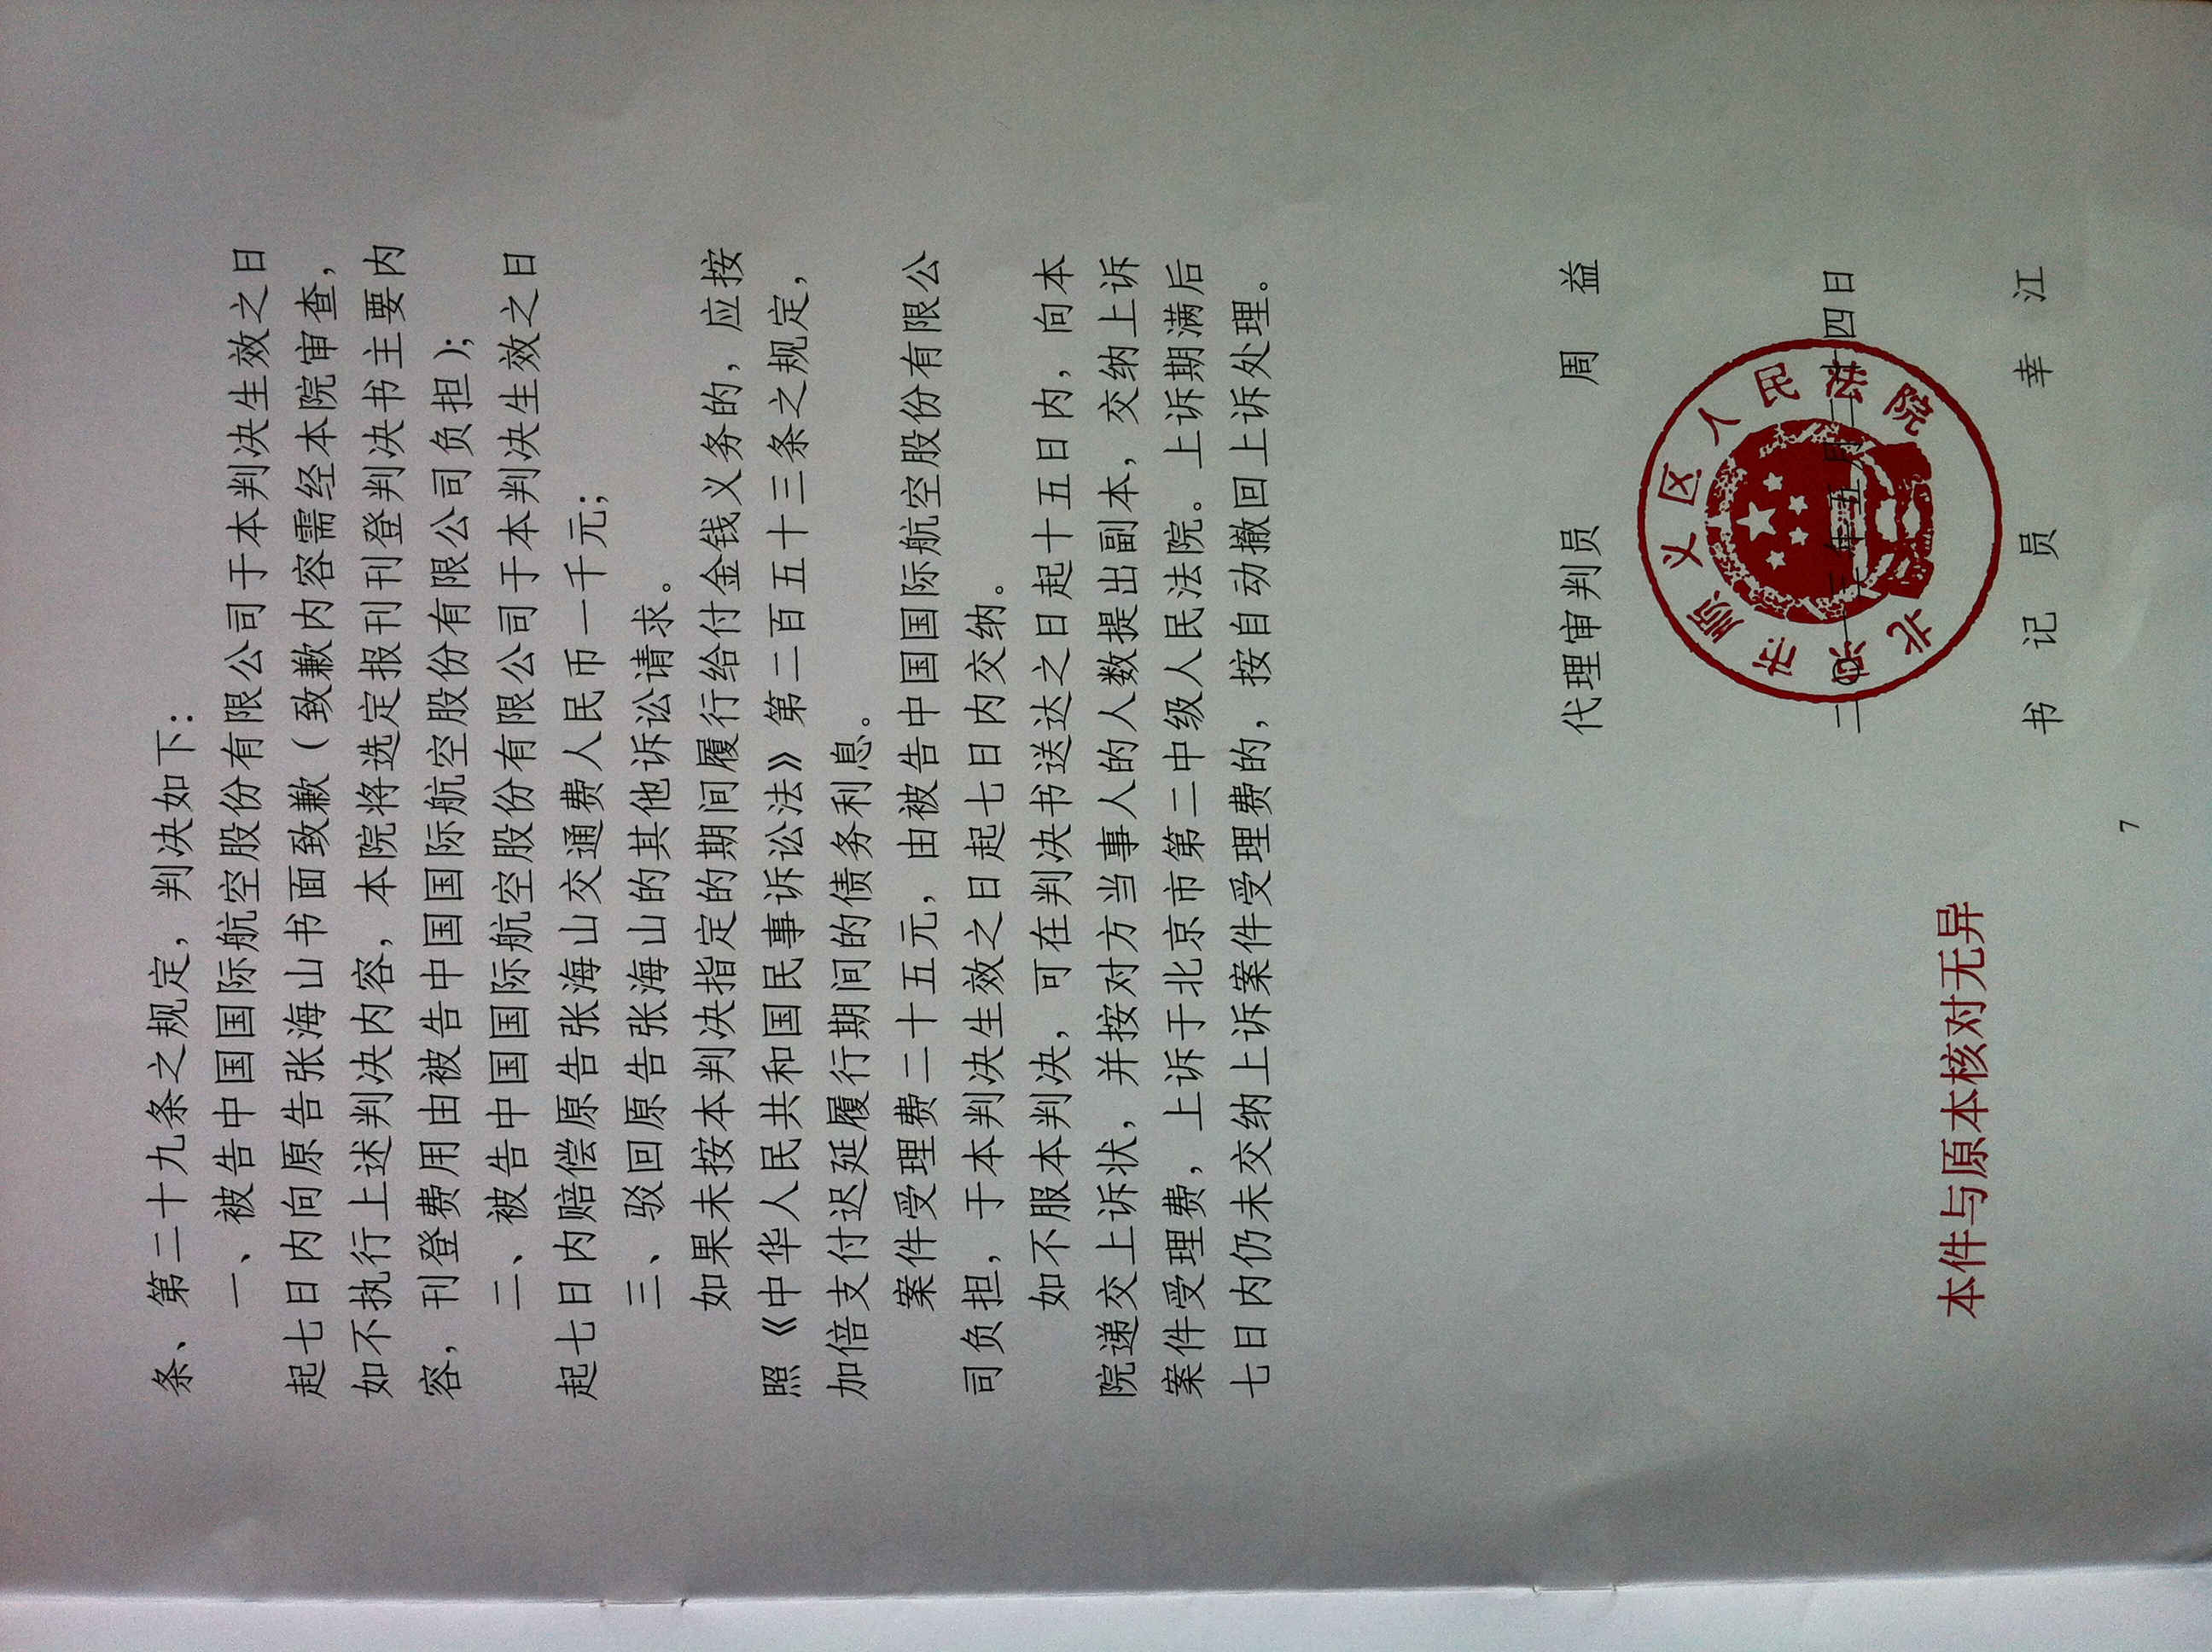 """中国国际航空股份有限公司是""""老赖""""--被强制执行申"""